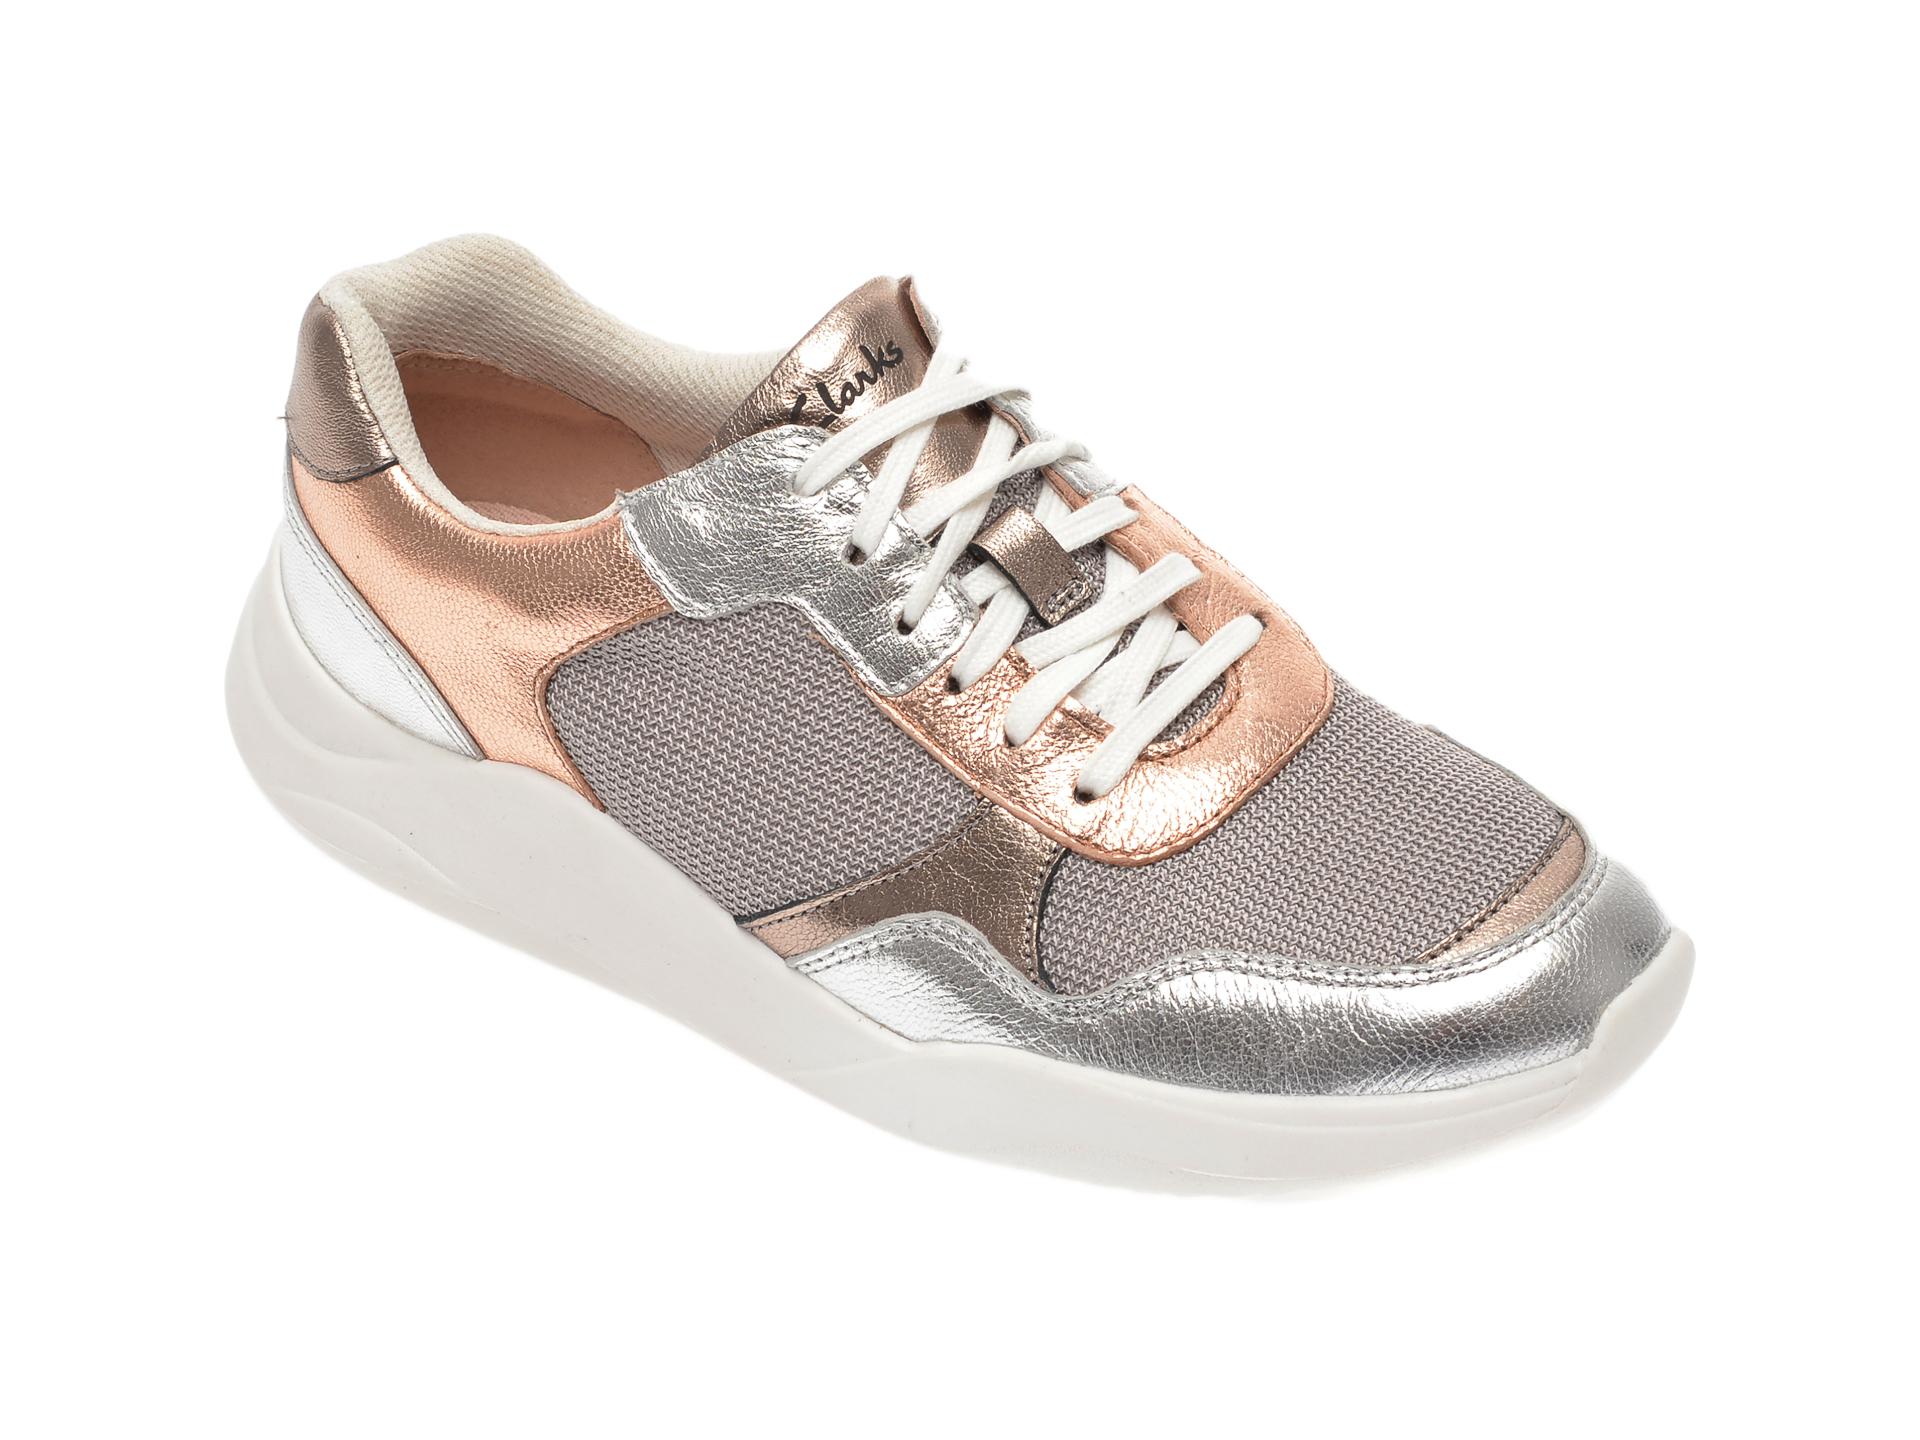 Pantofi sport CLARKS multicolor, Sift Lace, din piele naturala si material textil